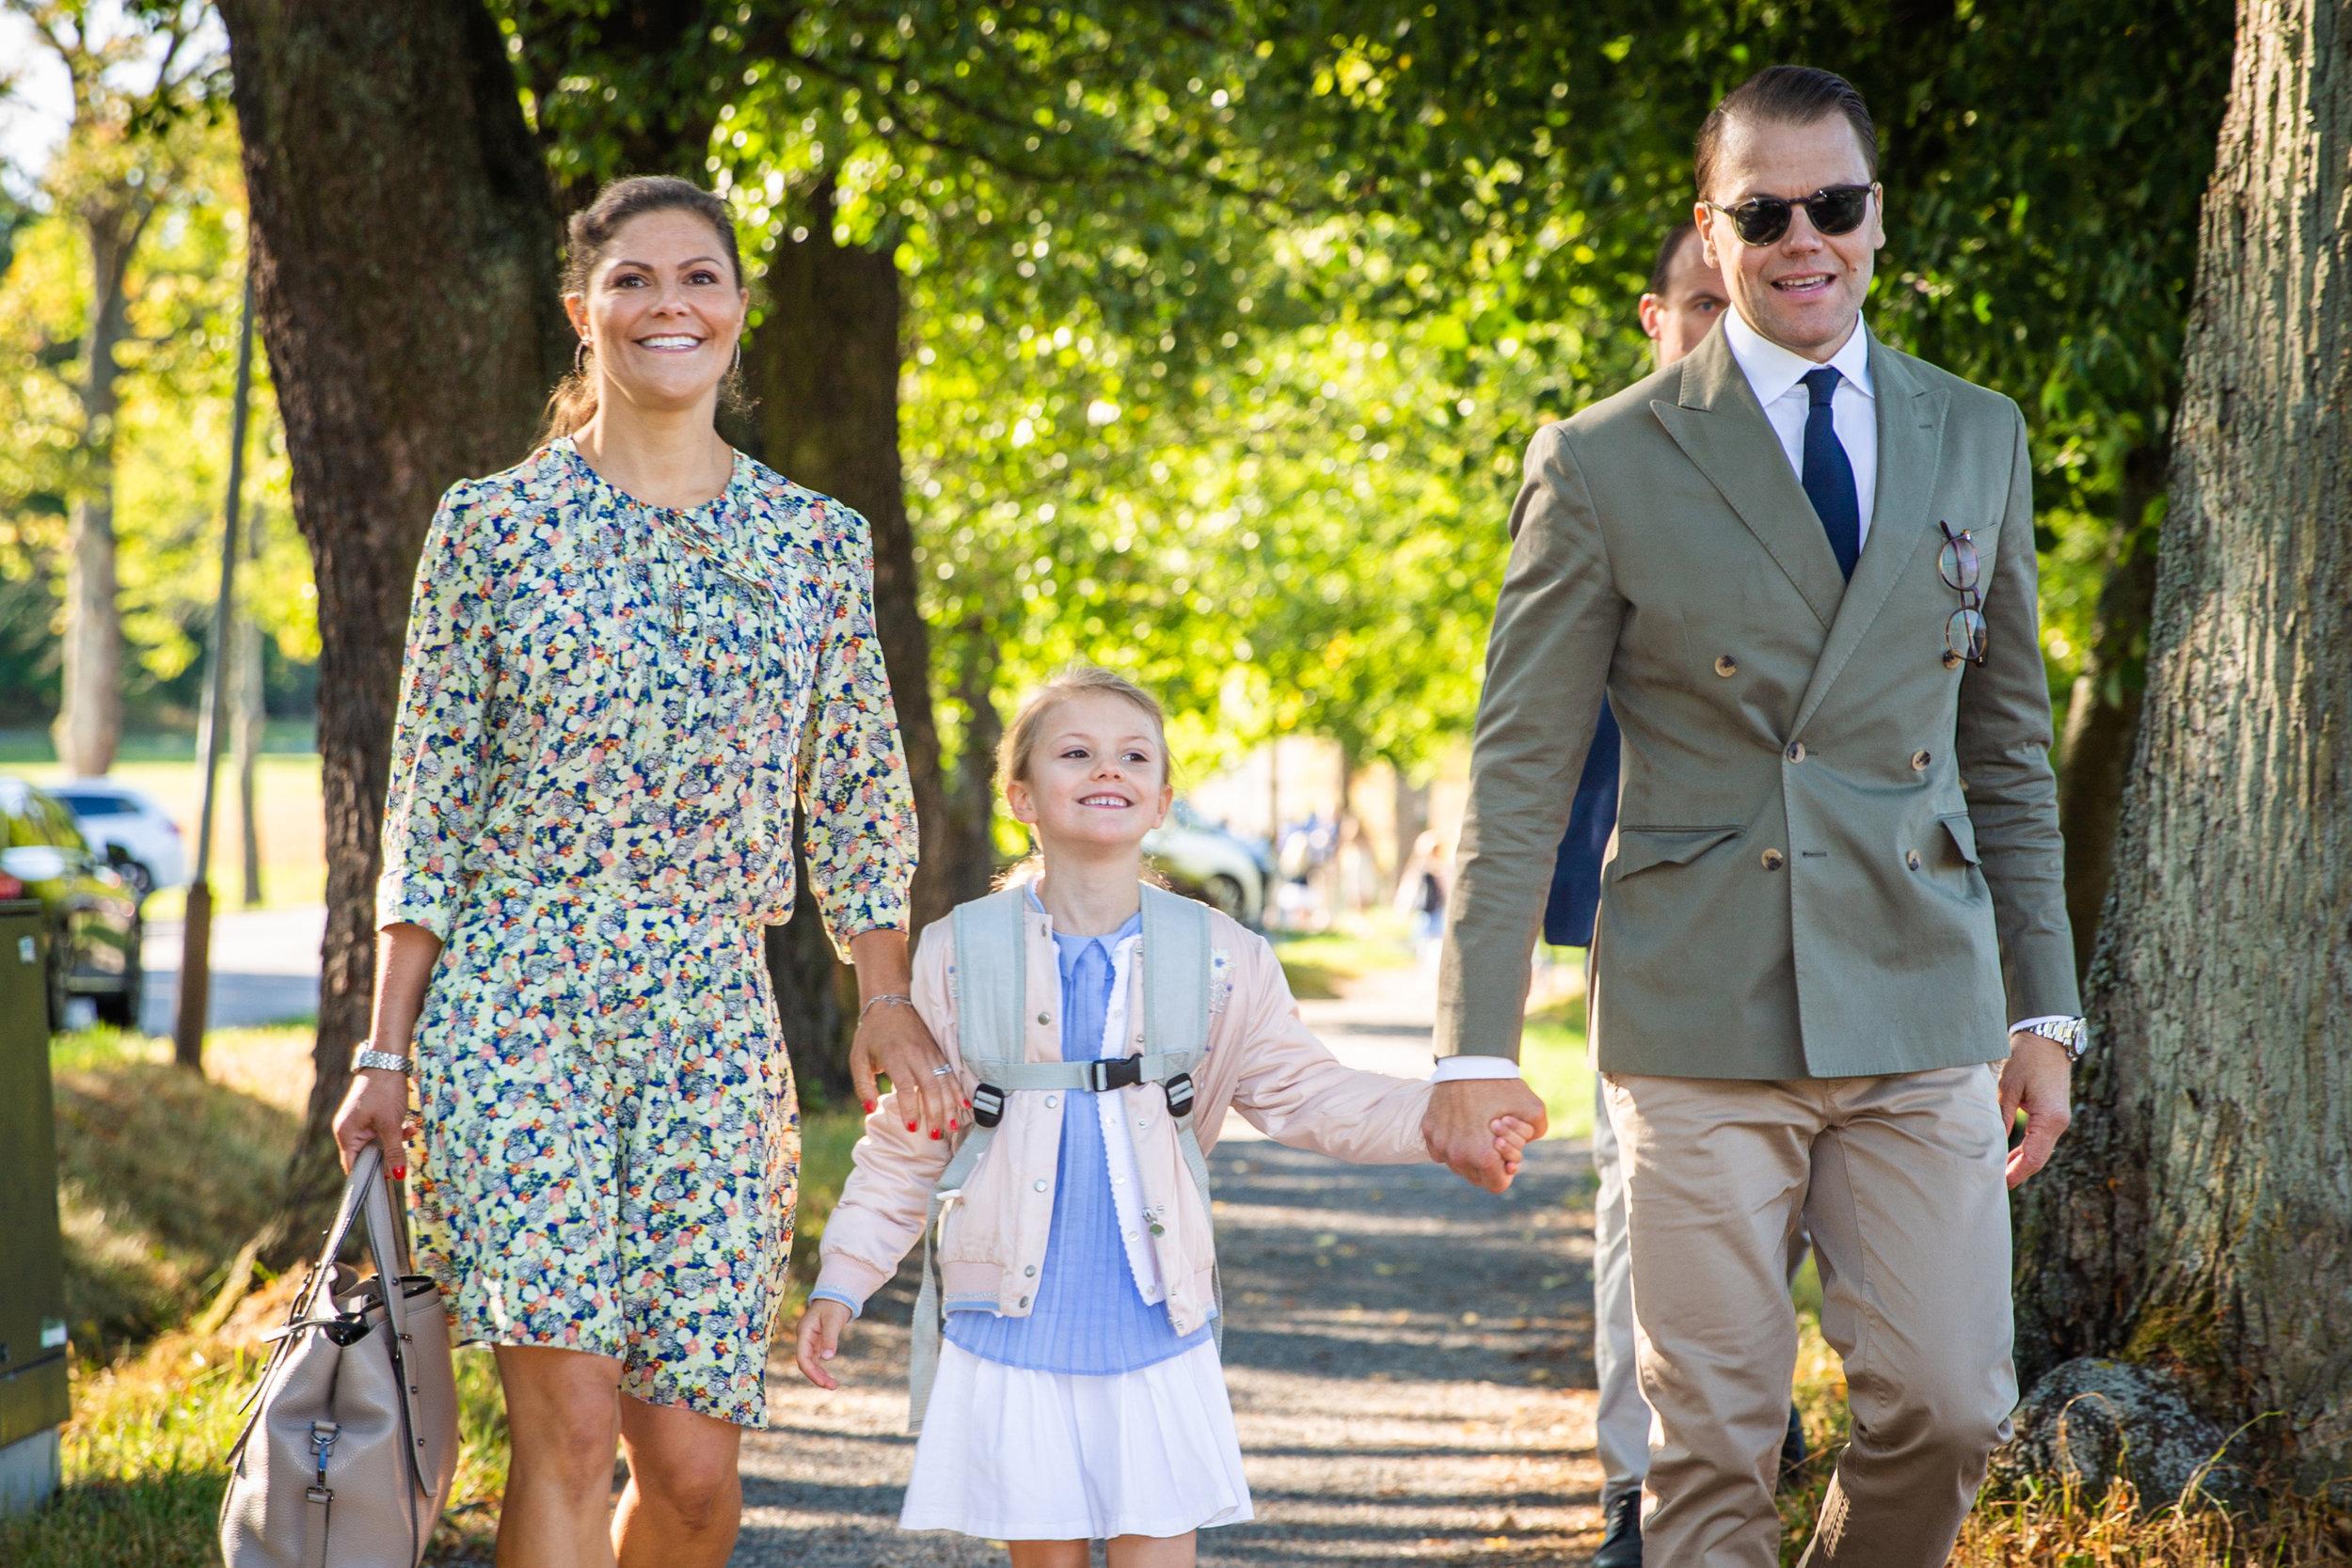 Prinz Daniel und Kronprinzessin Victoria brachten ihre Tochter Prinzessin Estelle gemeinsam in die Schule.  ©Raphael StecksénKungahuset.se